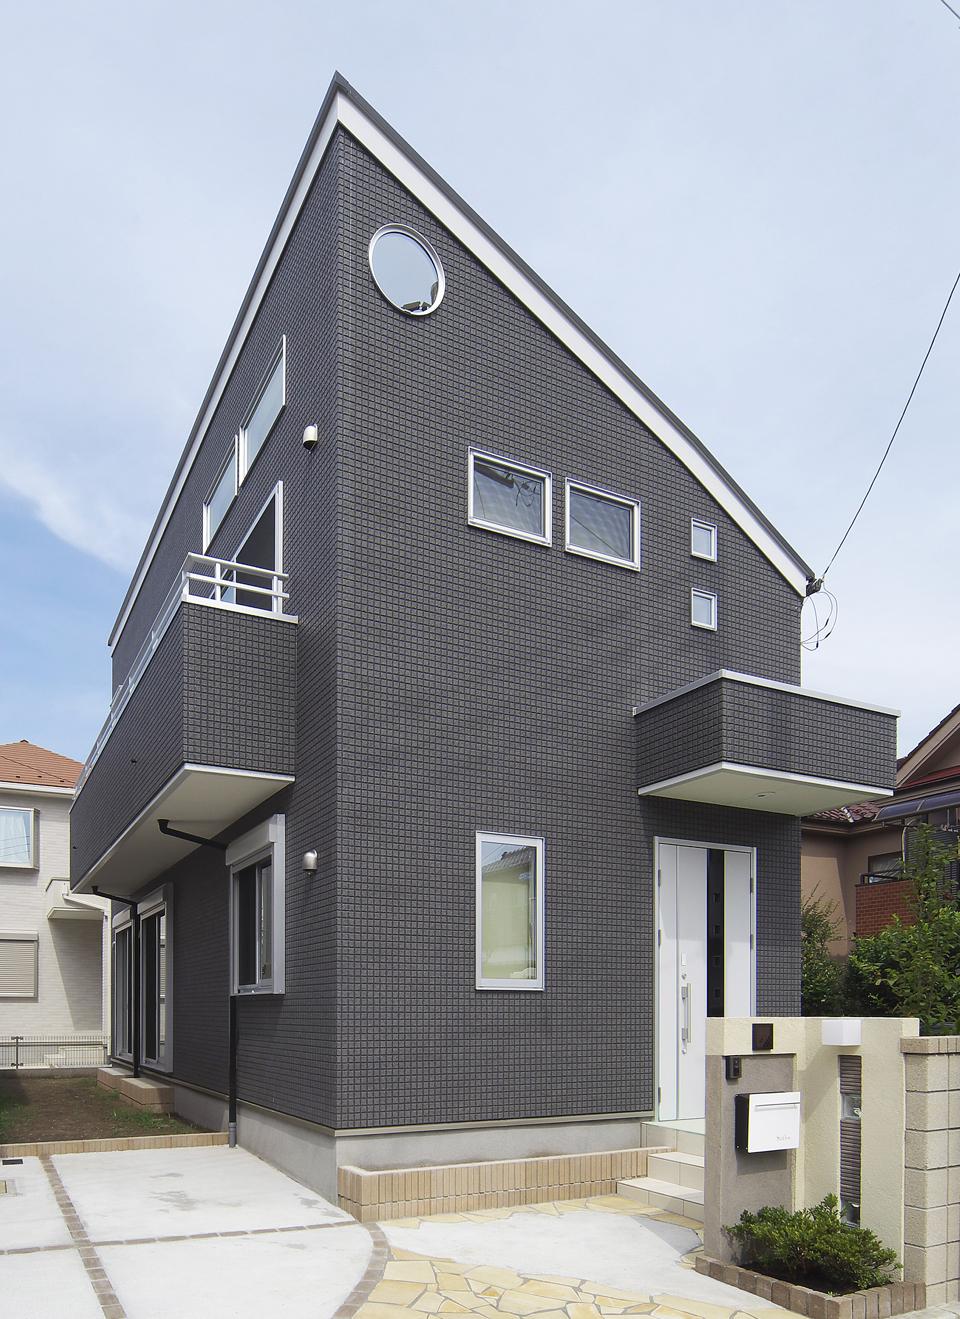 三角屋根と丸窓が印象的な外観